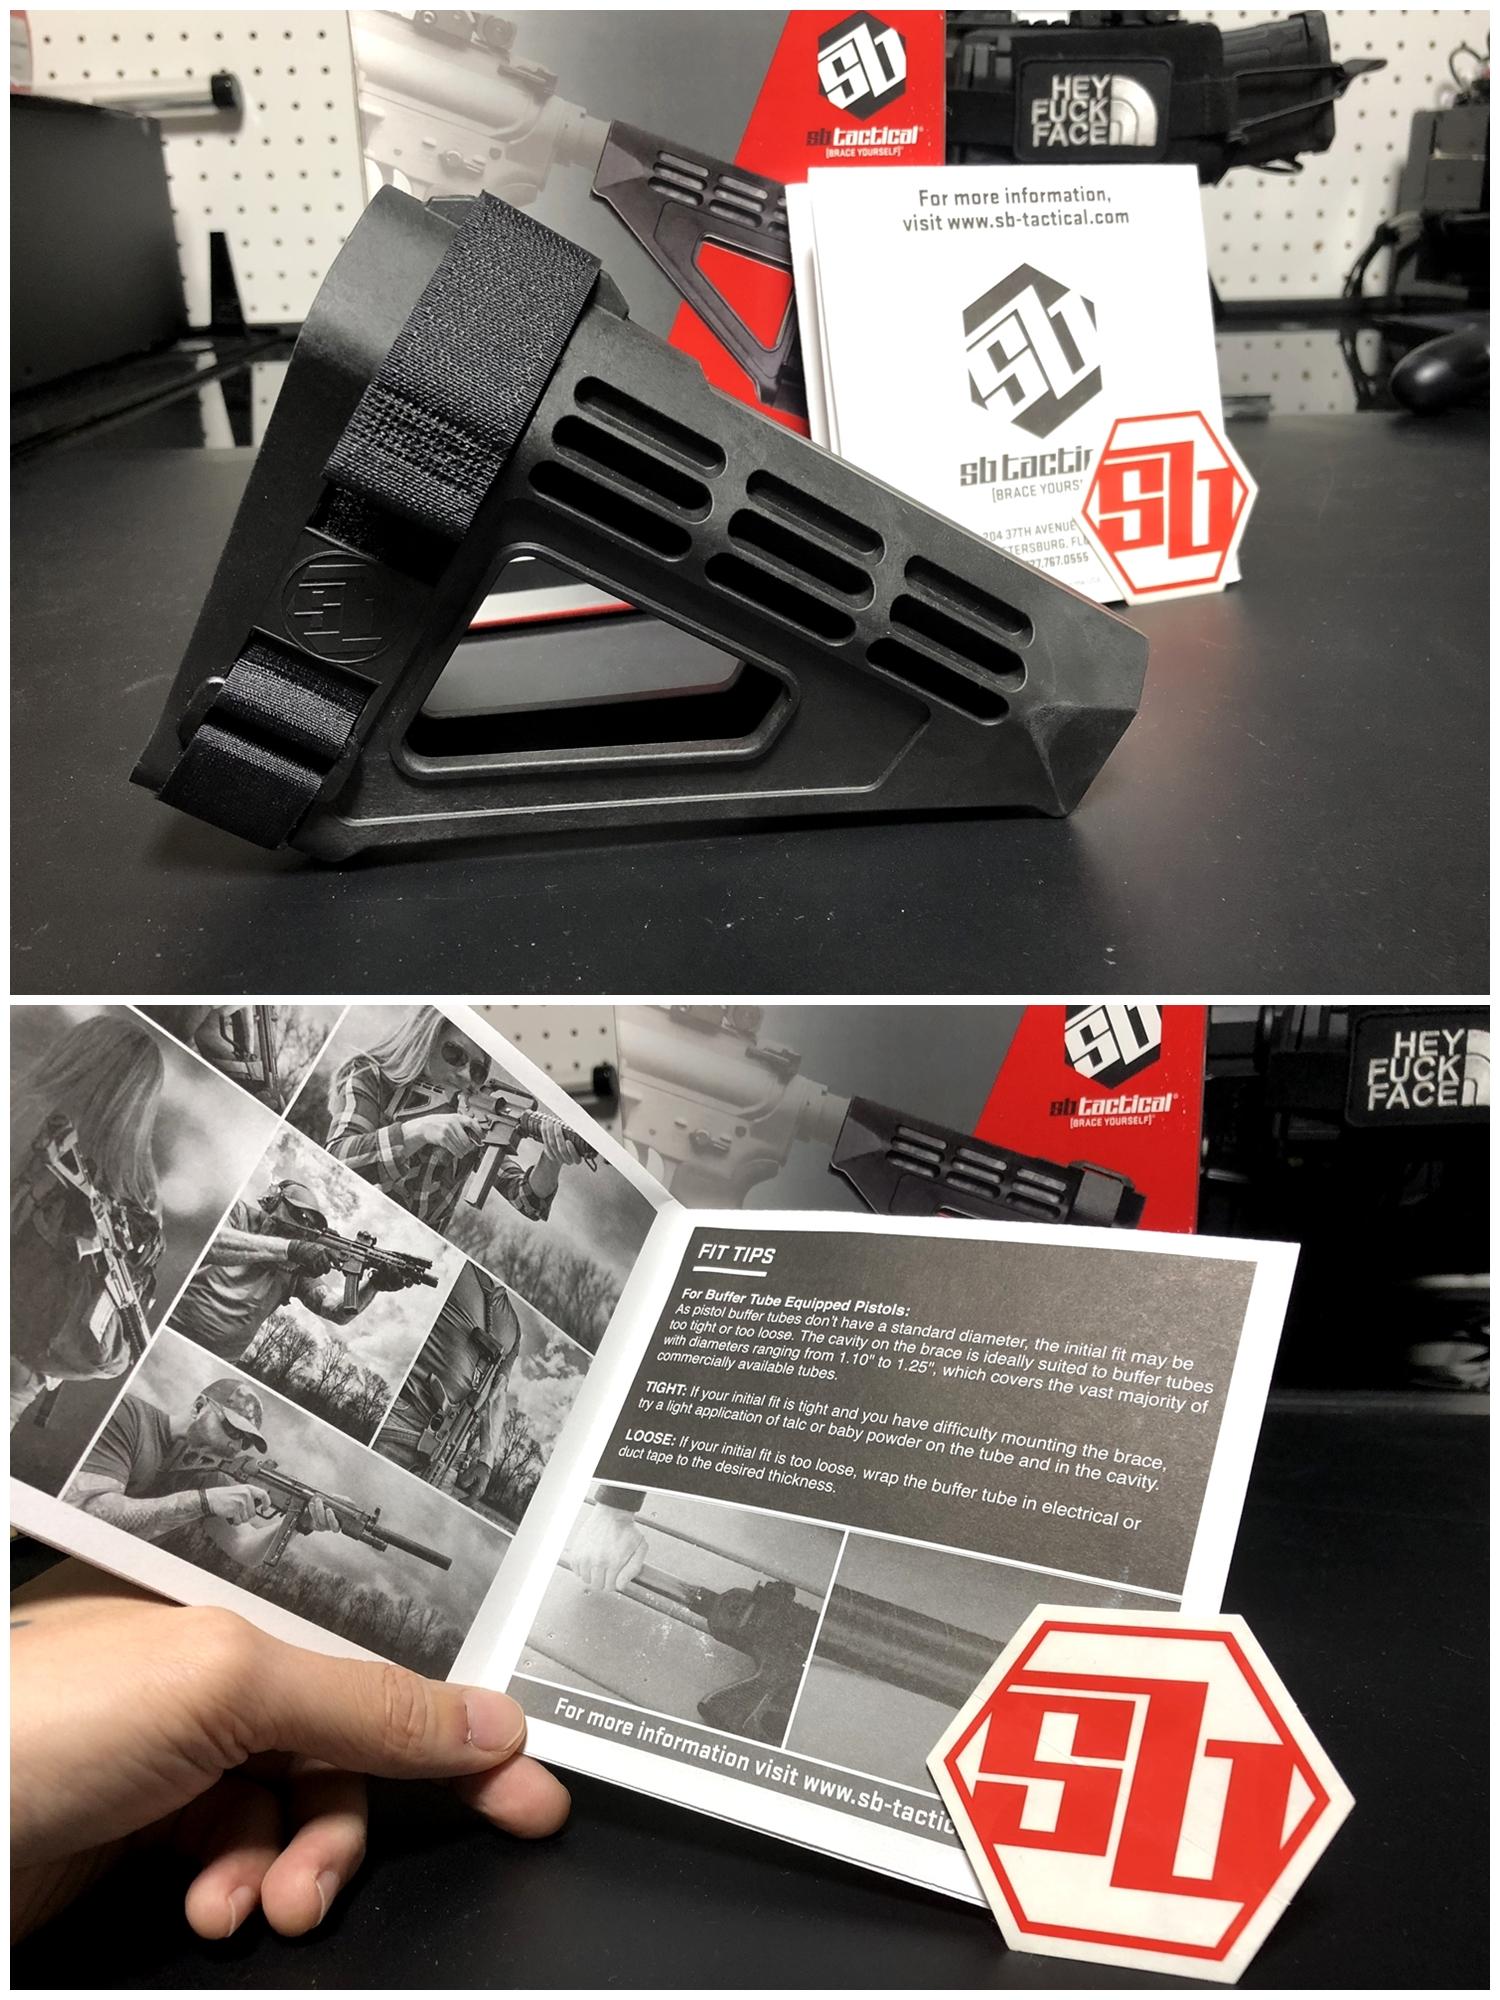 11 実物 SB TACTICAL SBM4 STABILIZING BRACE BLACK + STDTUBE AR PISTOL STD BUFFER TUBE ストック 購入 取付 比較 レビュー!! 次世代M4 CQB-R へ取付けてやるの巻!!